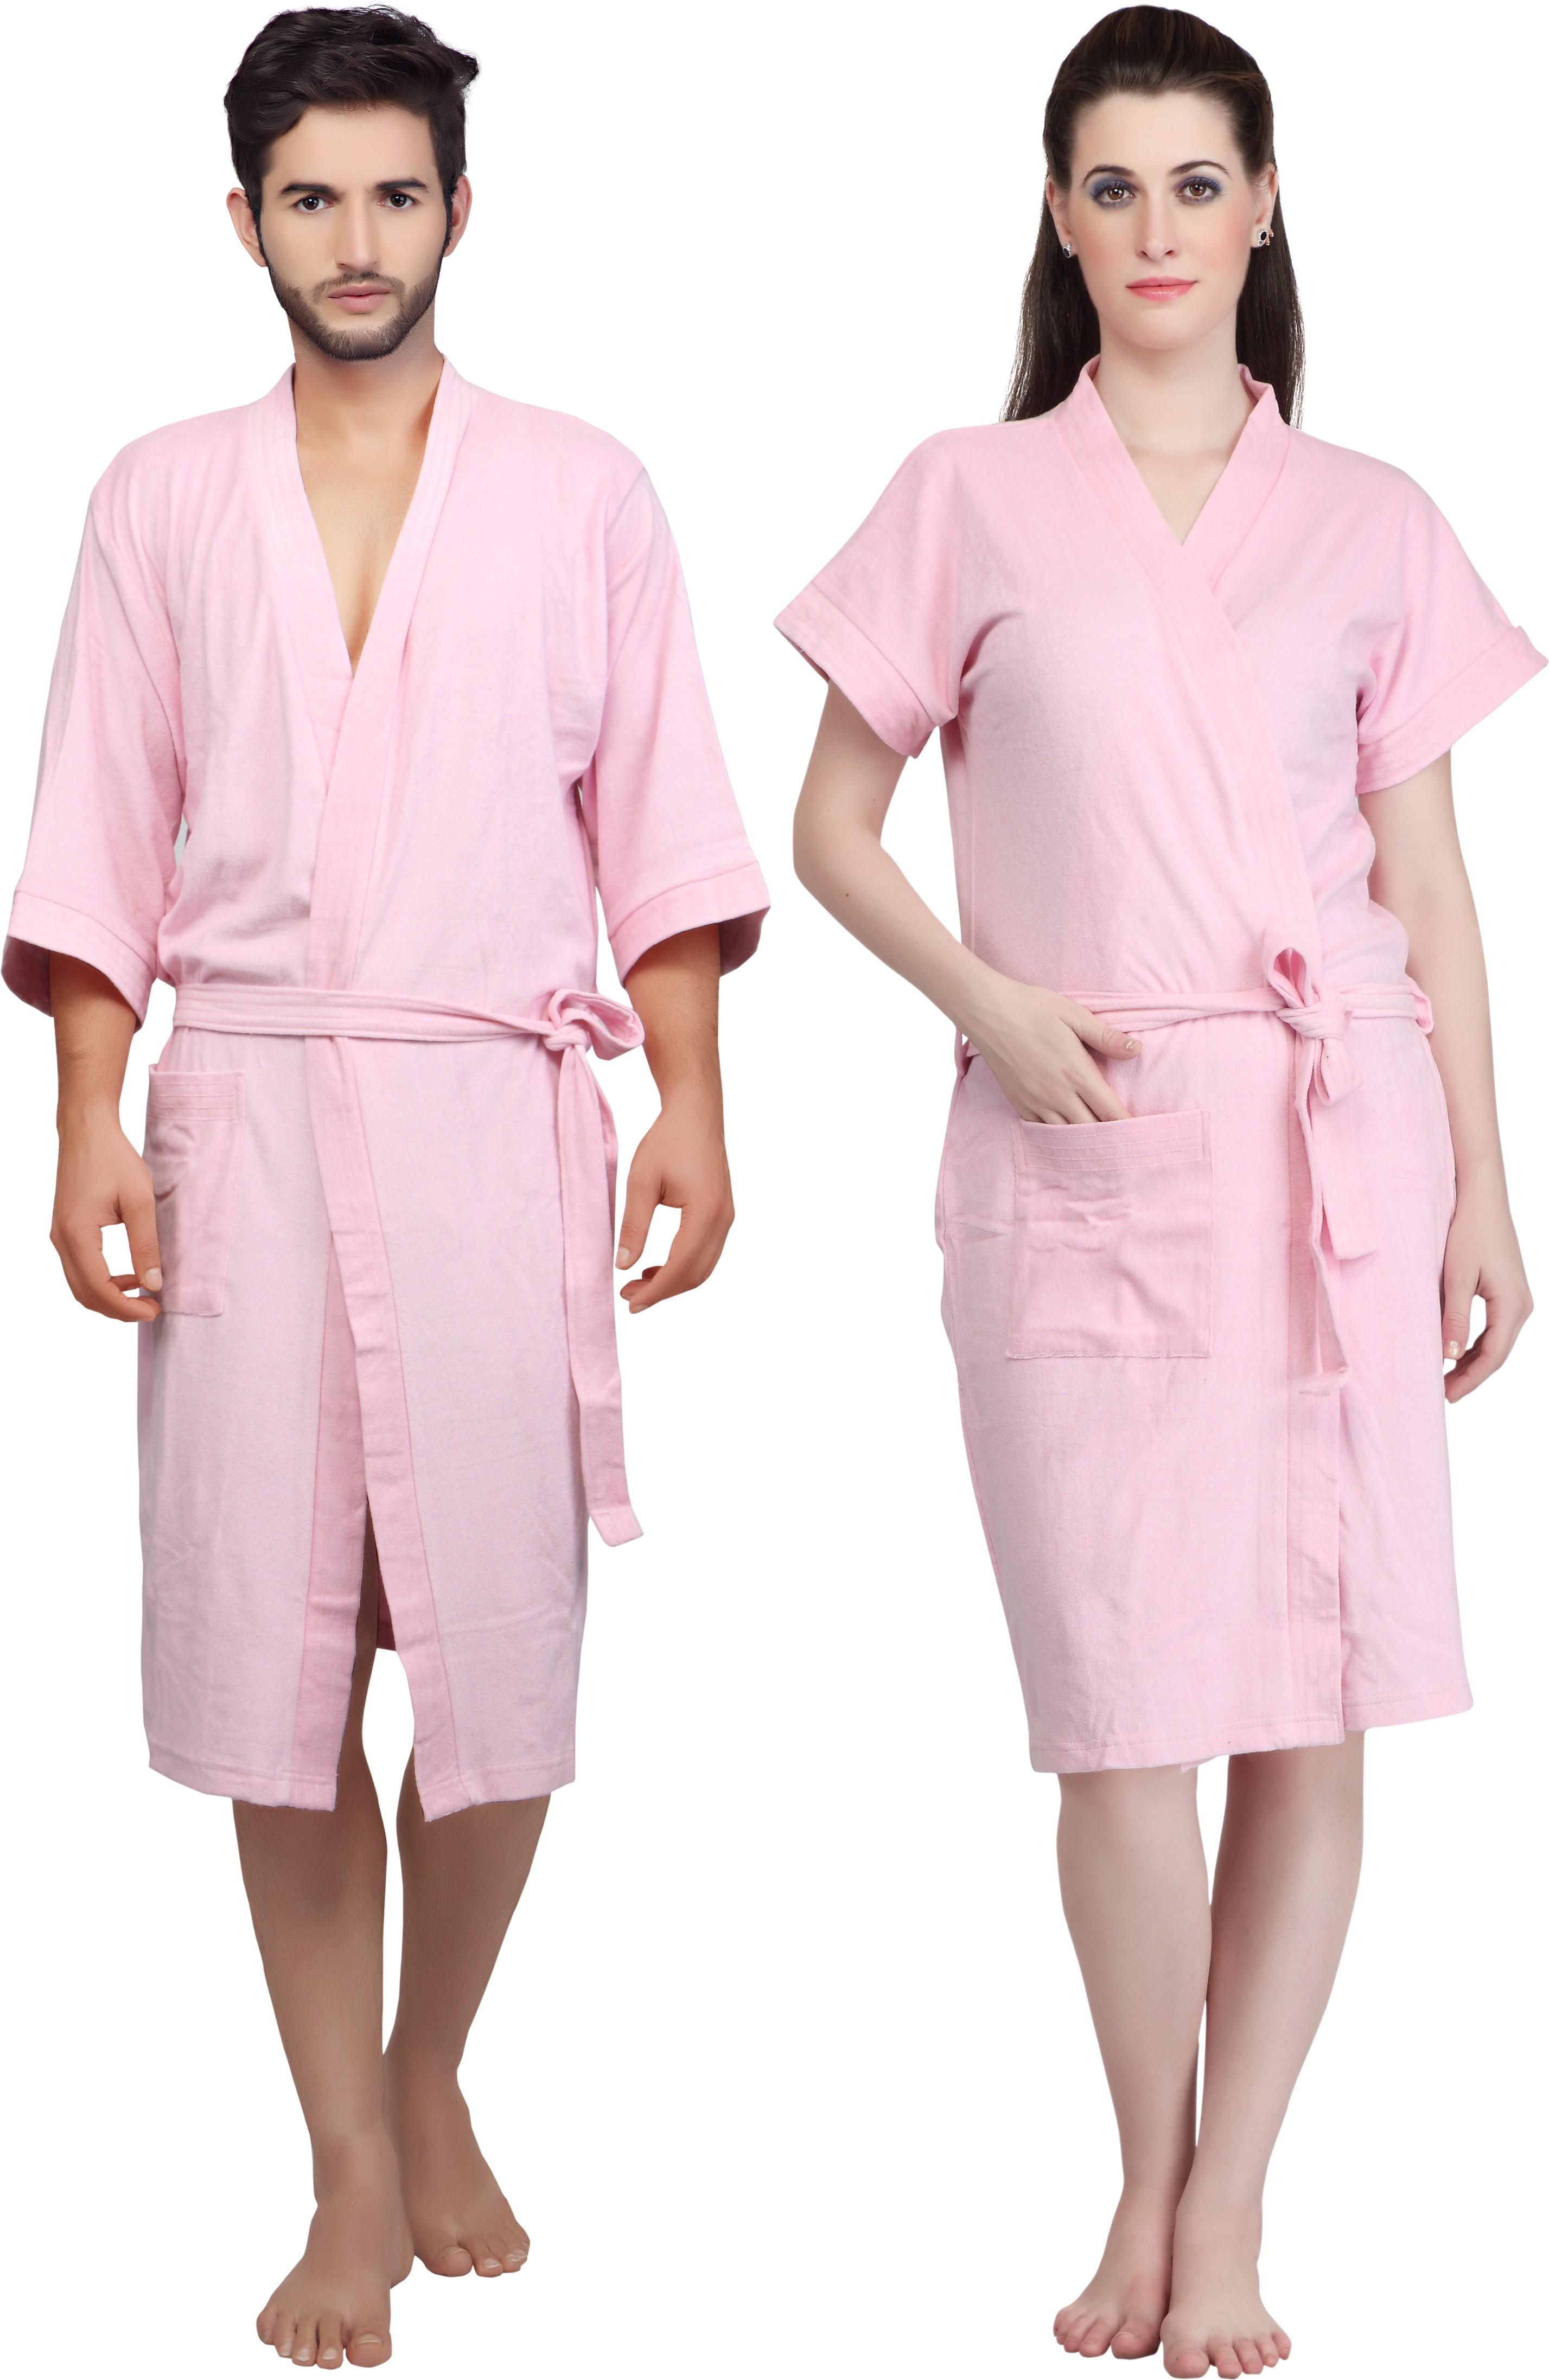 Mark Home Pink XL Bath Robe